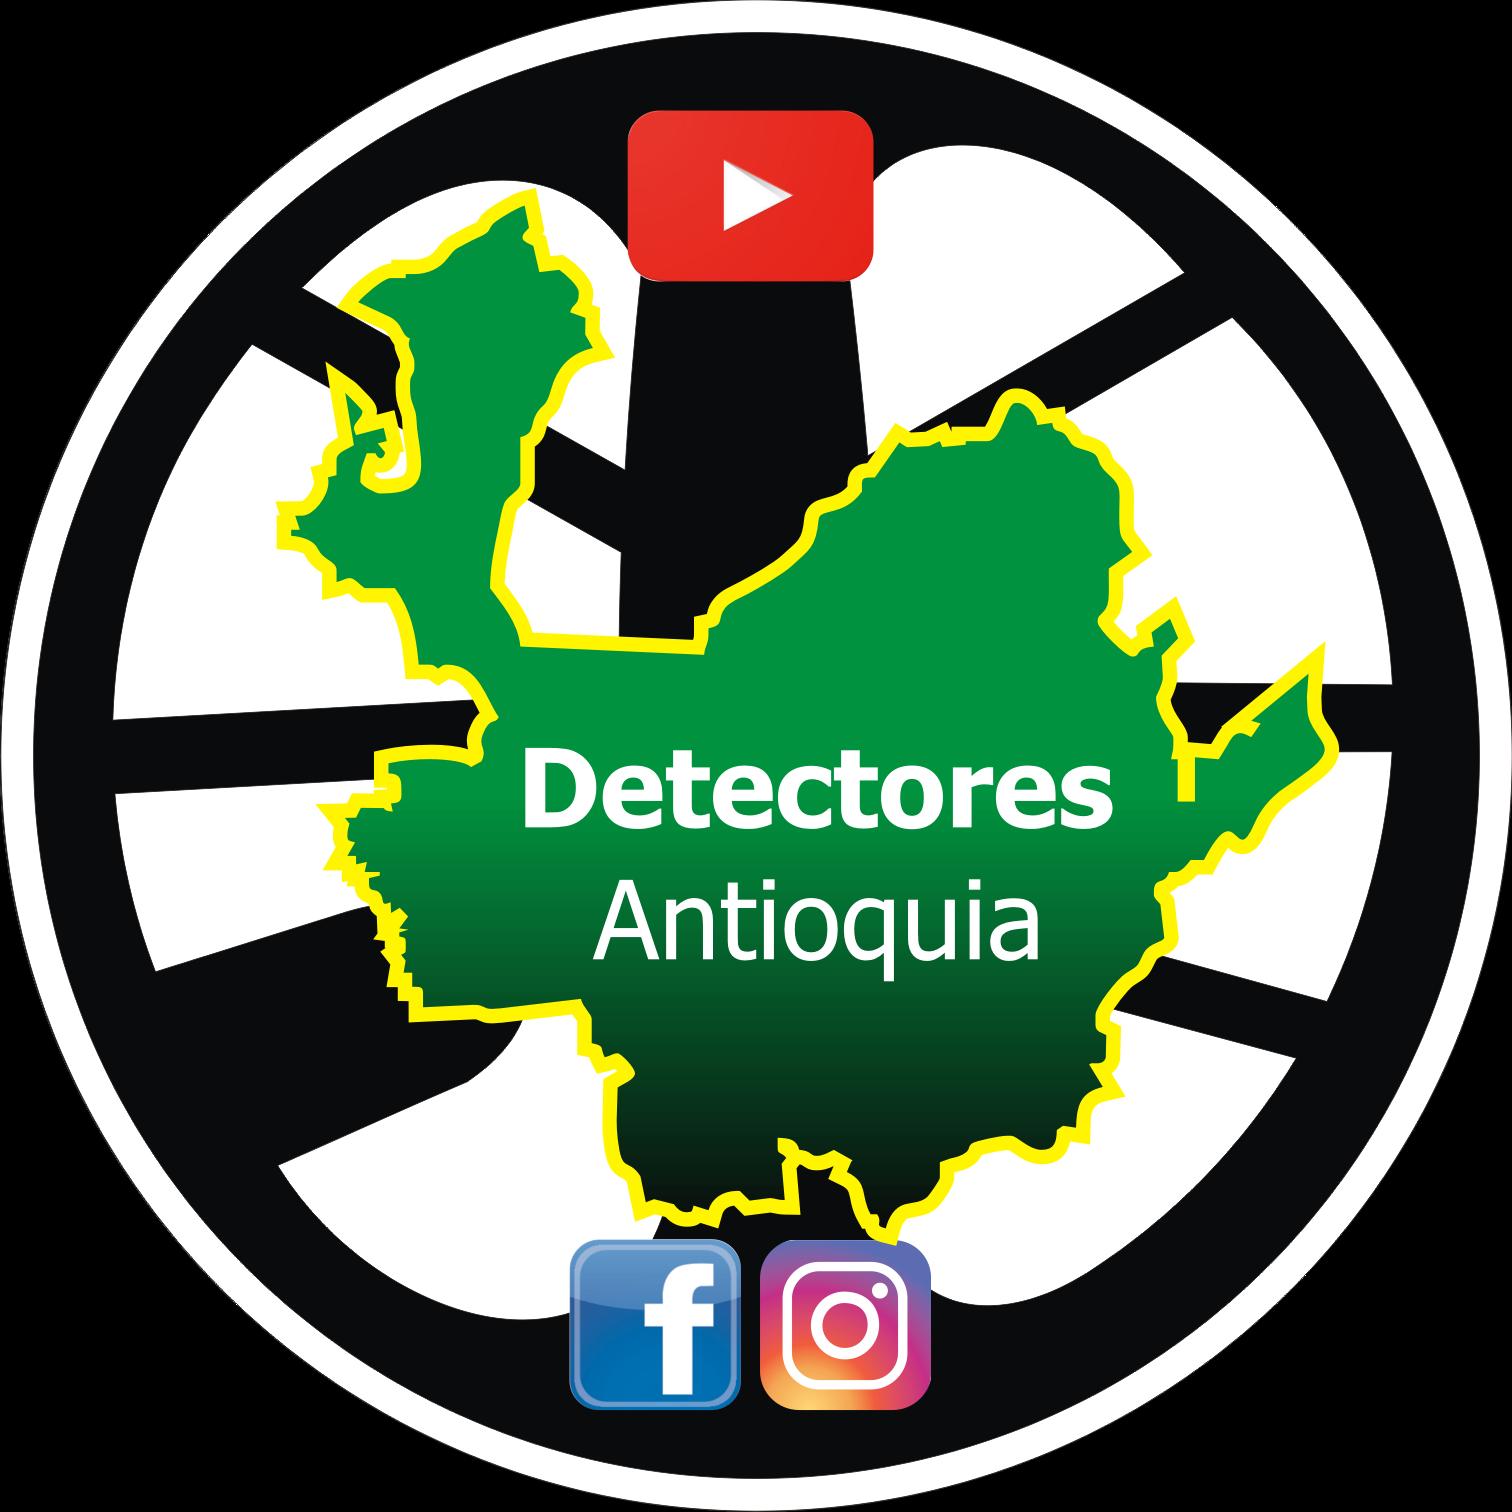 Detectores Antioquia